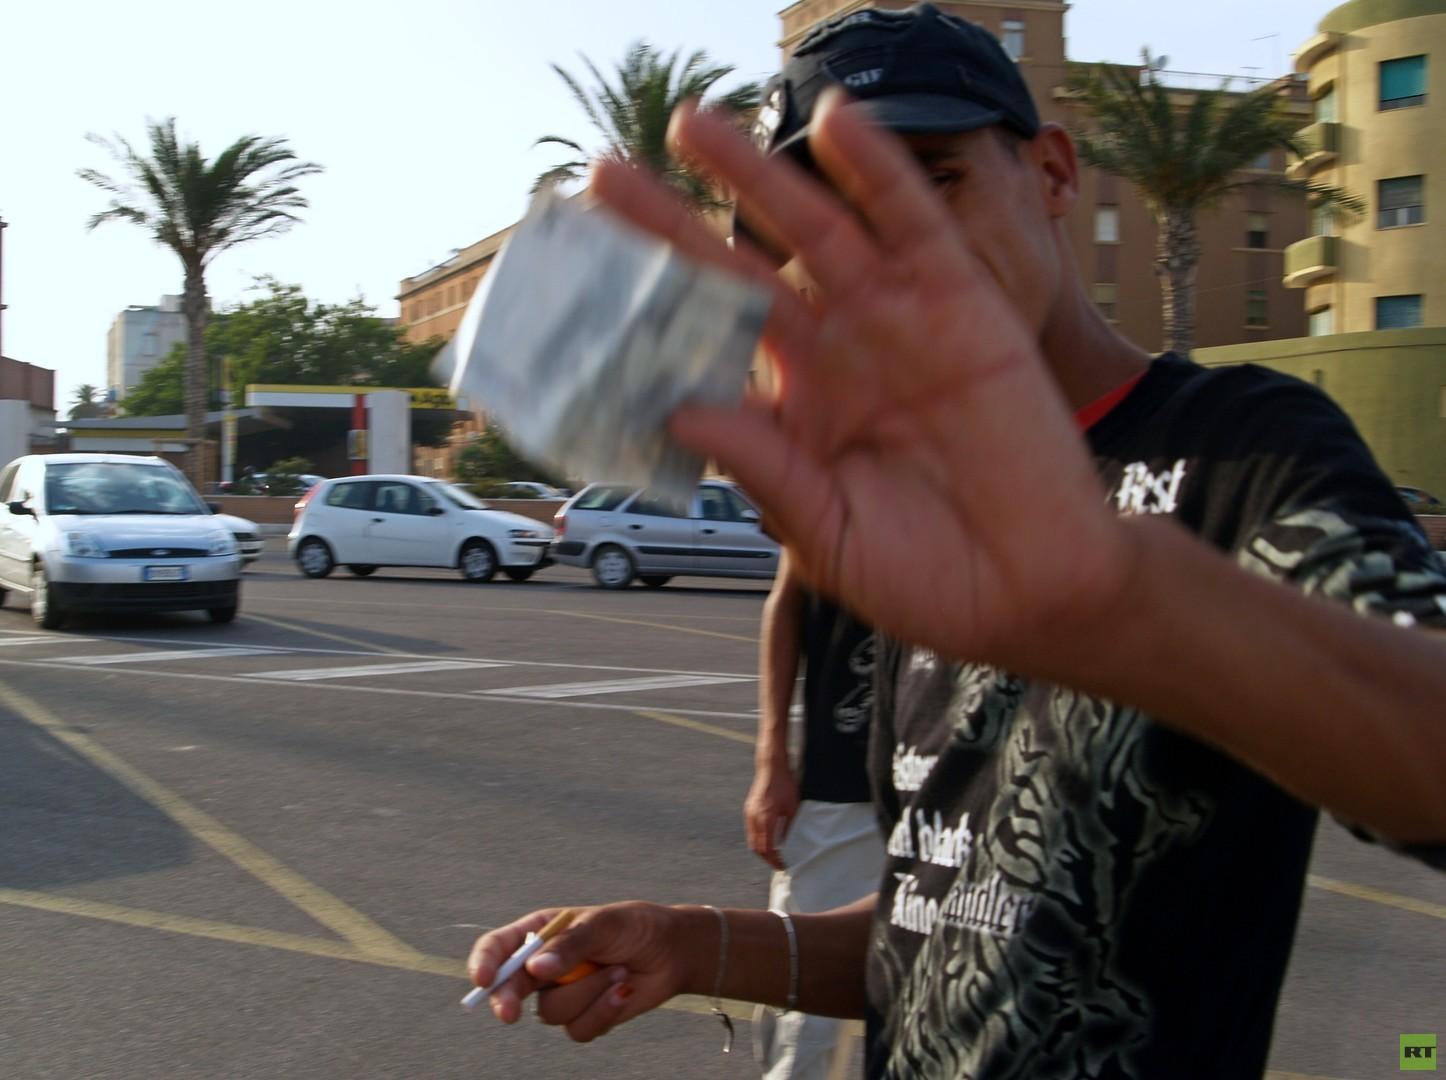 Die Harragas verbringen einige Tage in der Nähe des Hafens von Cagliari und versuchen genug Geld für eine weiterfahrt nach Italien zu sammeln. Sie betteln, oder bitten Wohltätigkeitsorganisationen um die Hilfe.